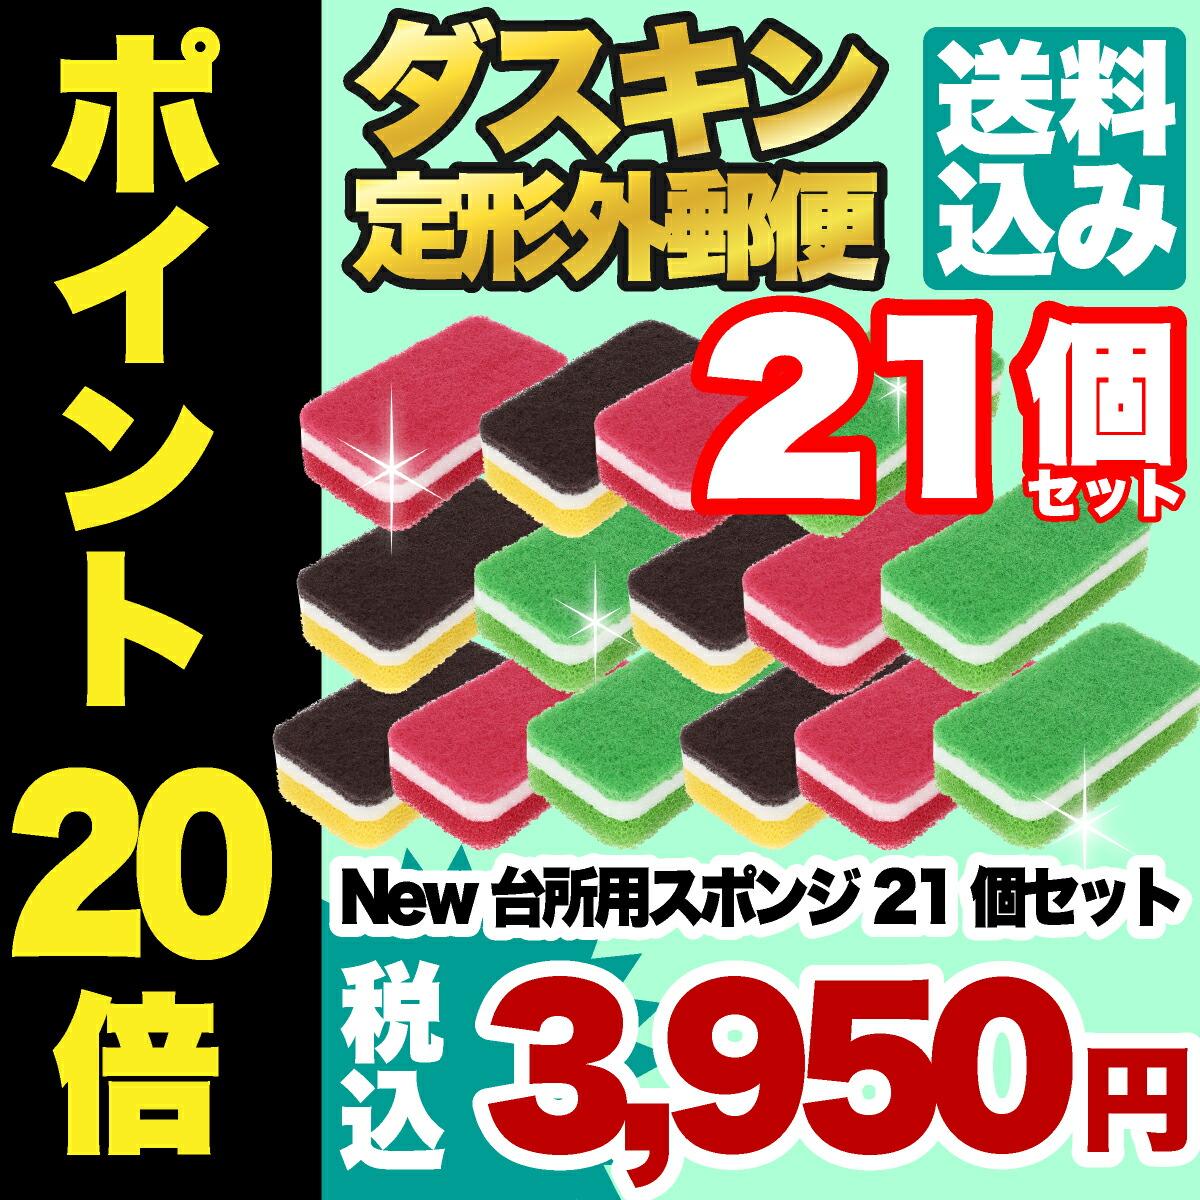 Newダスキンスポンジ21個セット